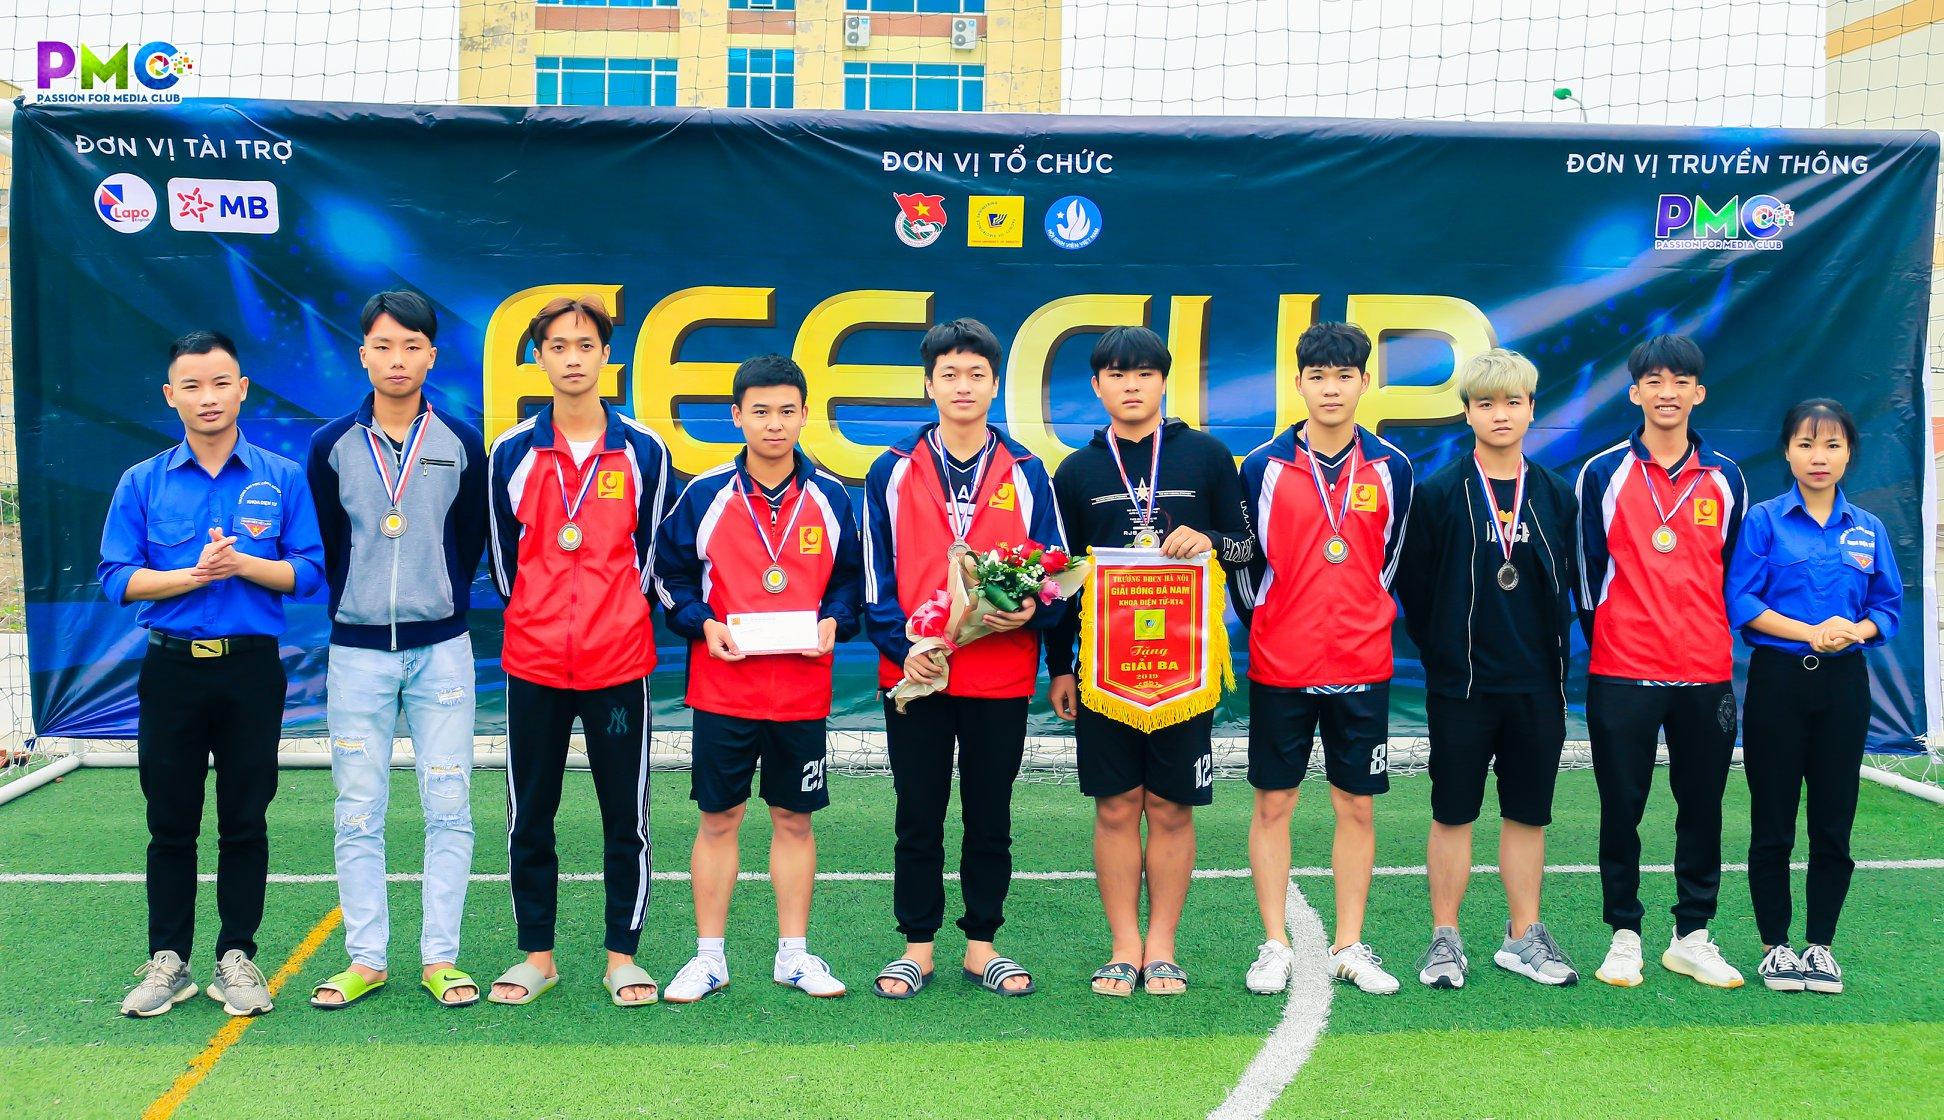 Chung kết giải bóng đá nam sinh viên khoa Điện tử cơ sở Hà Nam lần thứ V